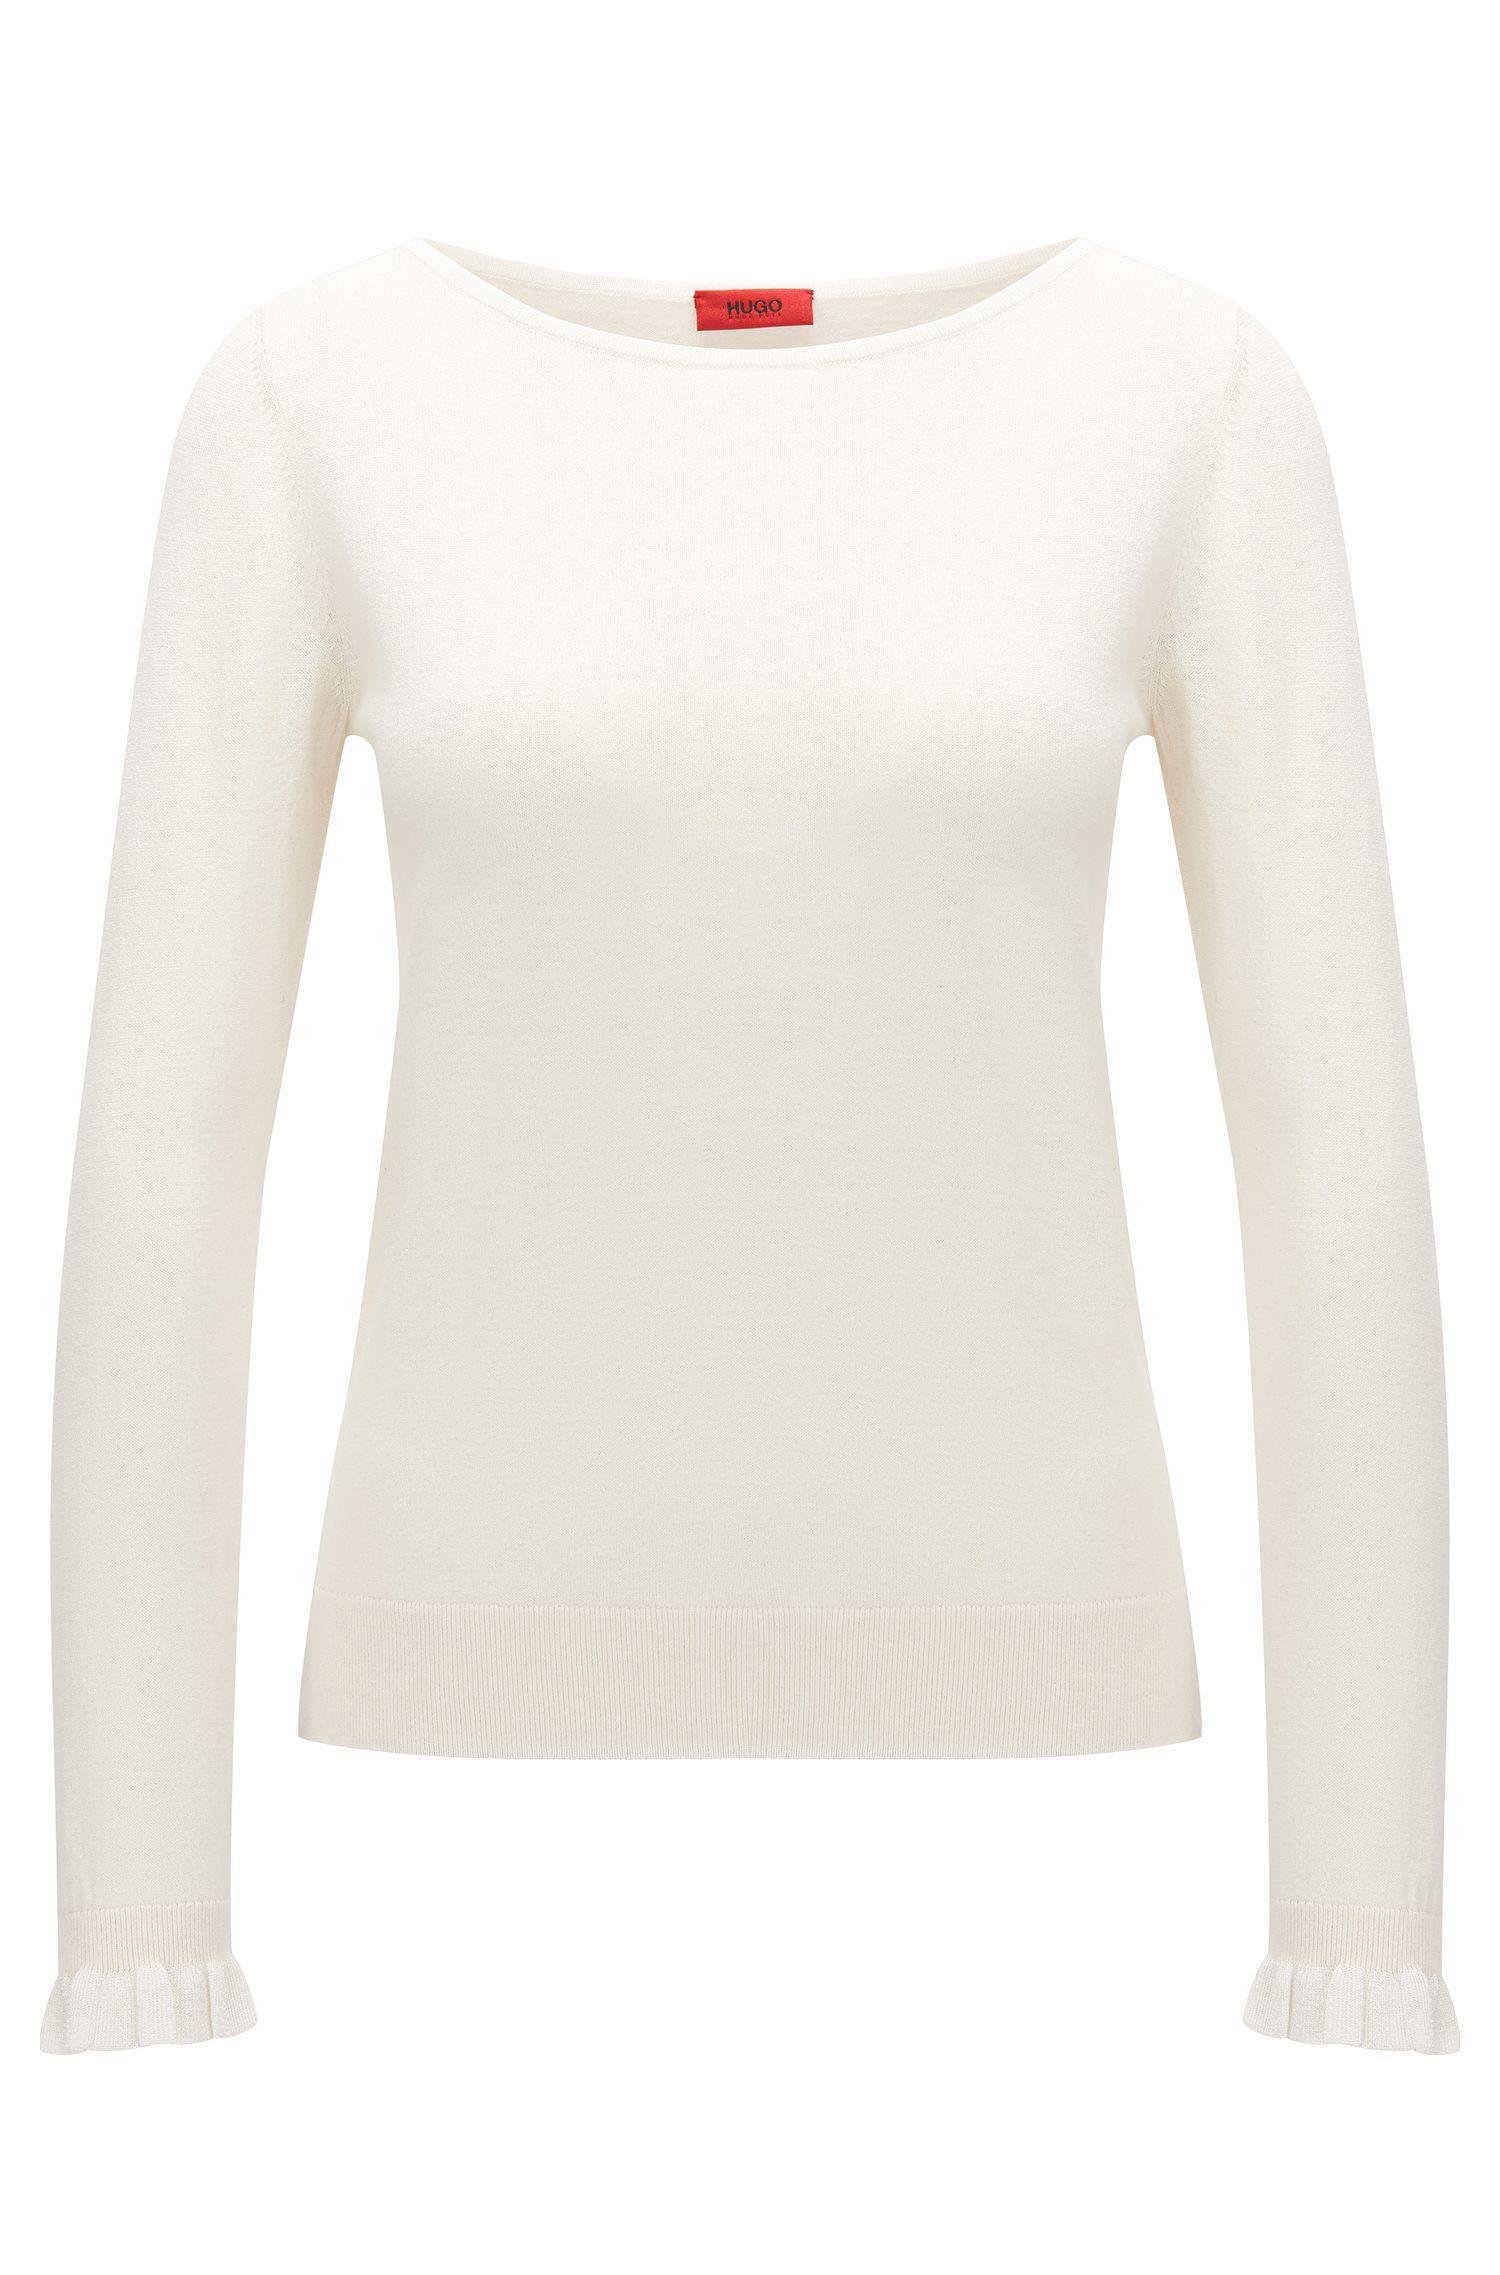 Jersey de cuello redondo en seda y algodón